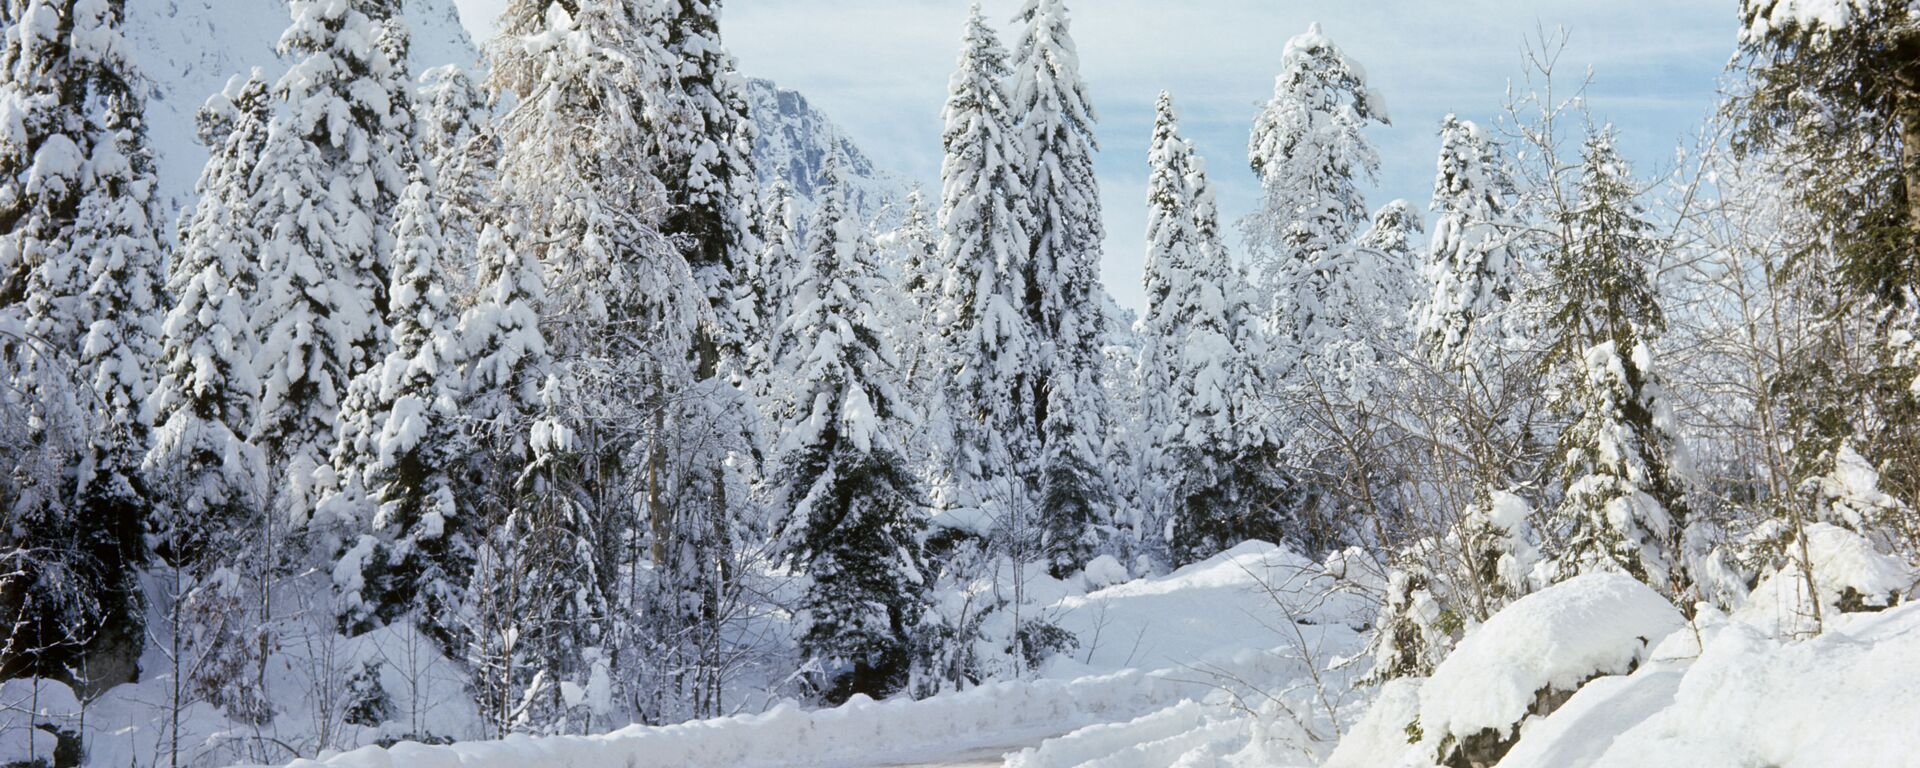 Дорога на озеро Рица зимой. - Sputnik Аҧсны, 1920, 08.01.2021